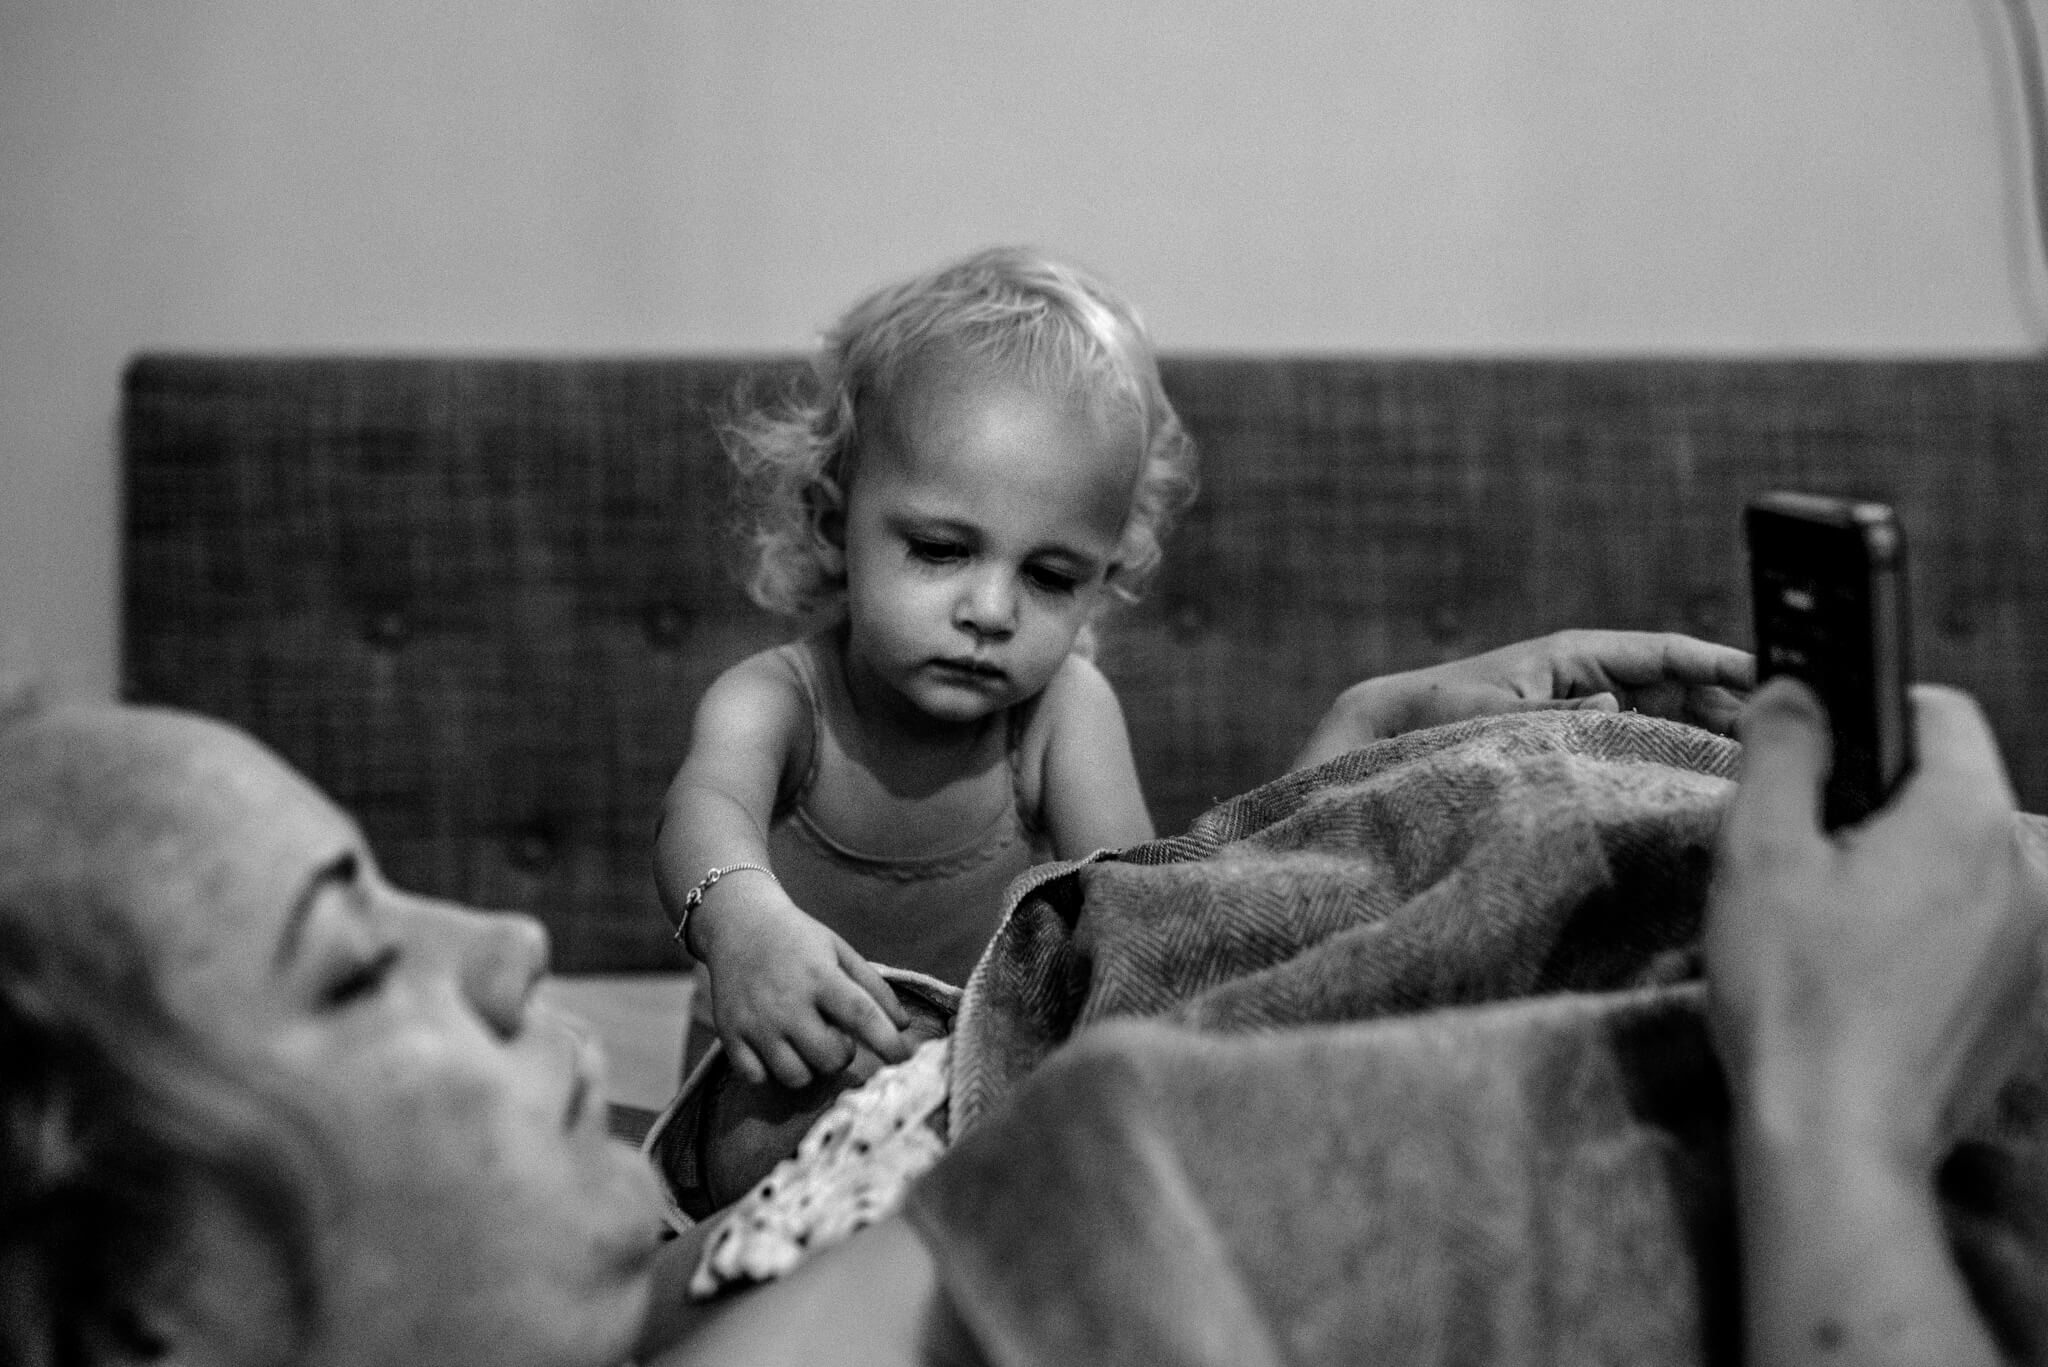 Geboortefotografie kinderen bij de bevalling Birth Day geboortefotografie